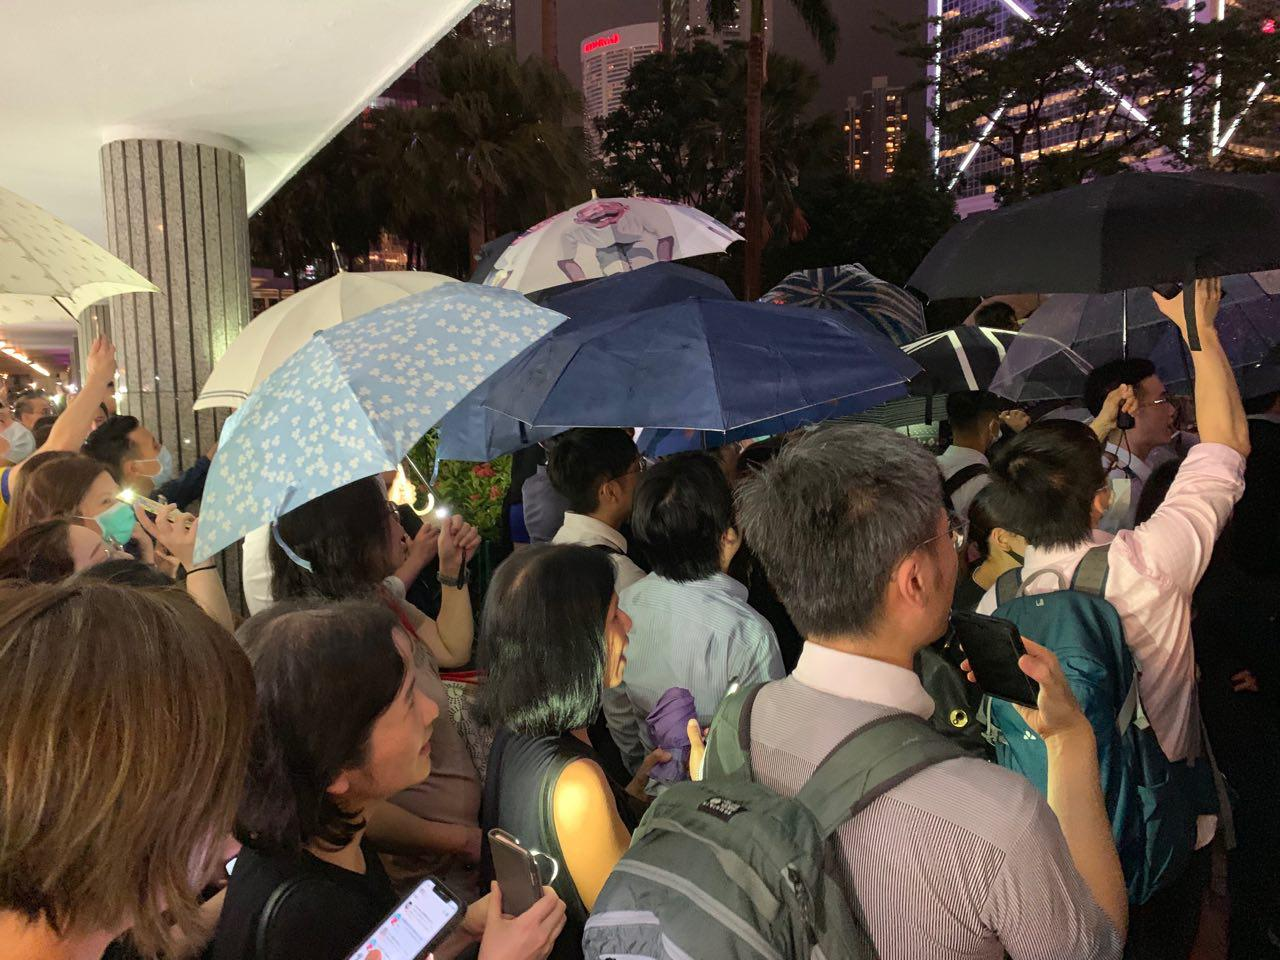 高天韻:雞蛋與高牆——香港抗暴者的風骨